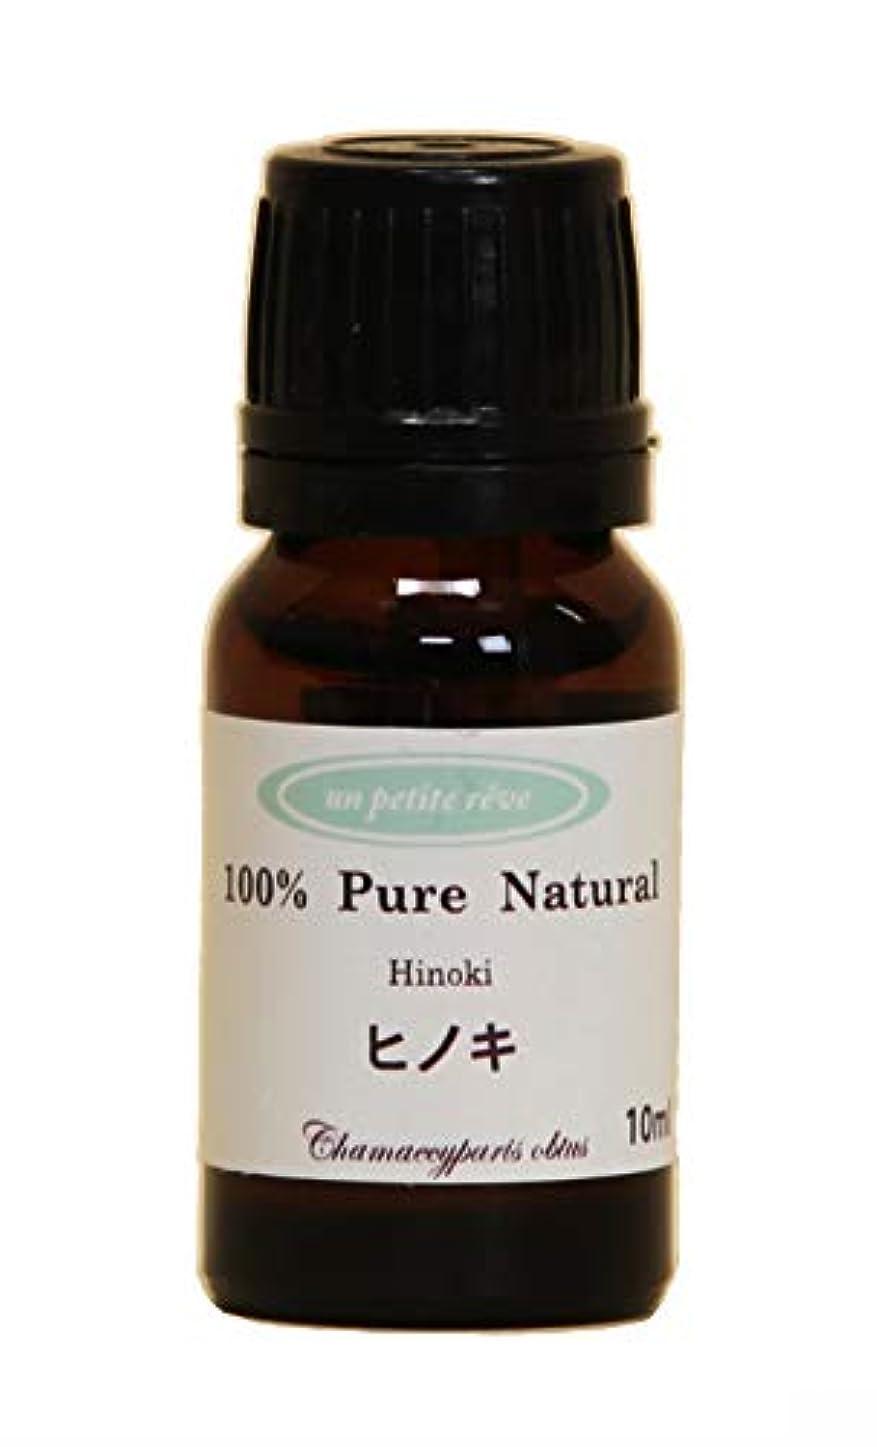 レパートリー狂う故意にヒノキ 10ml 100%天然アロマエッセンシャルオイル(精油)